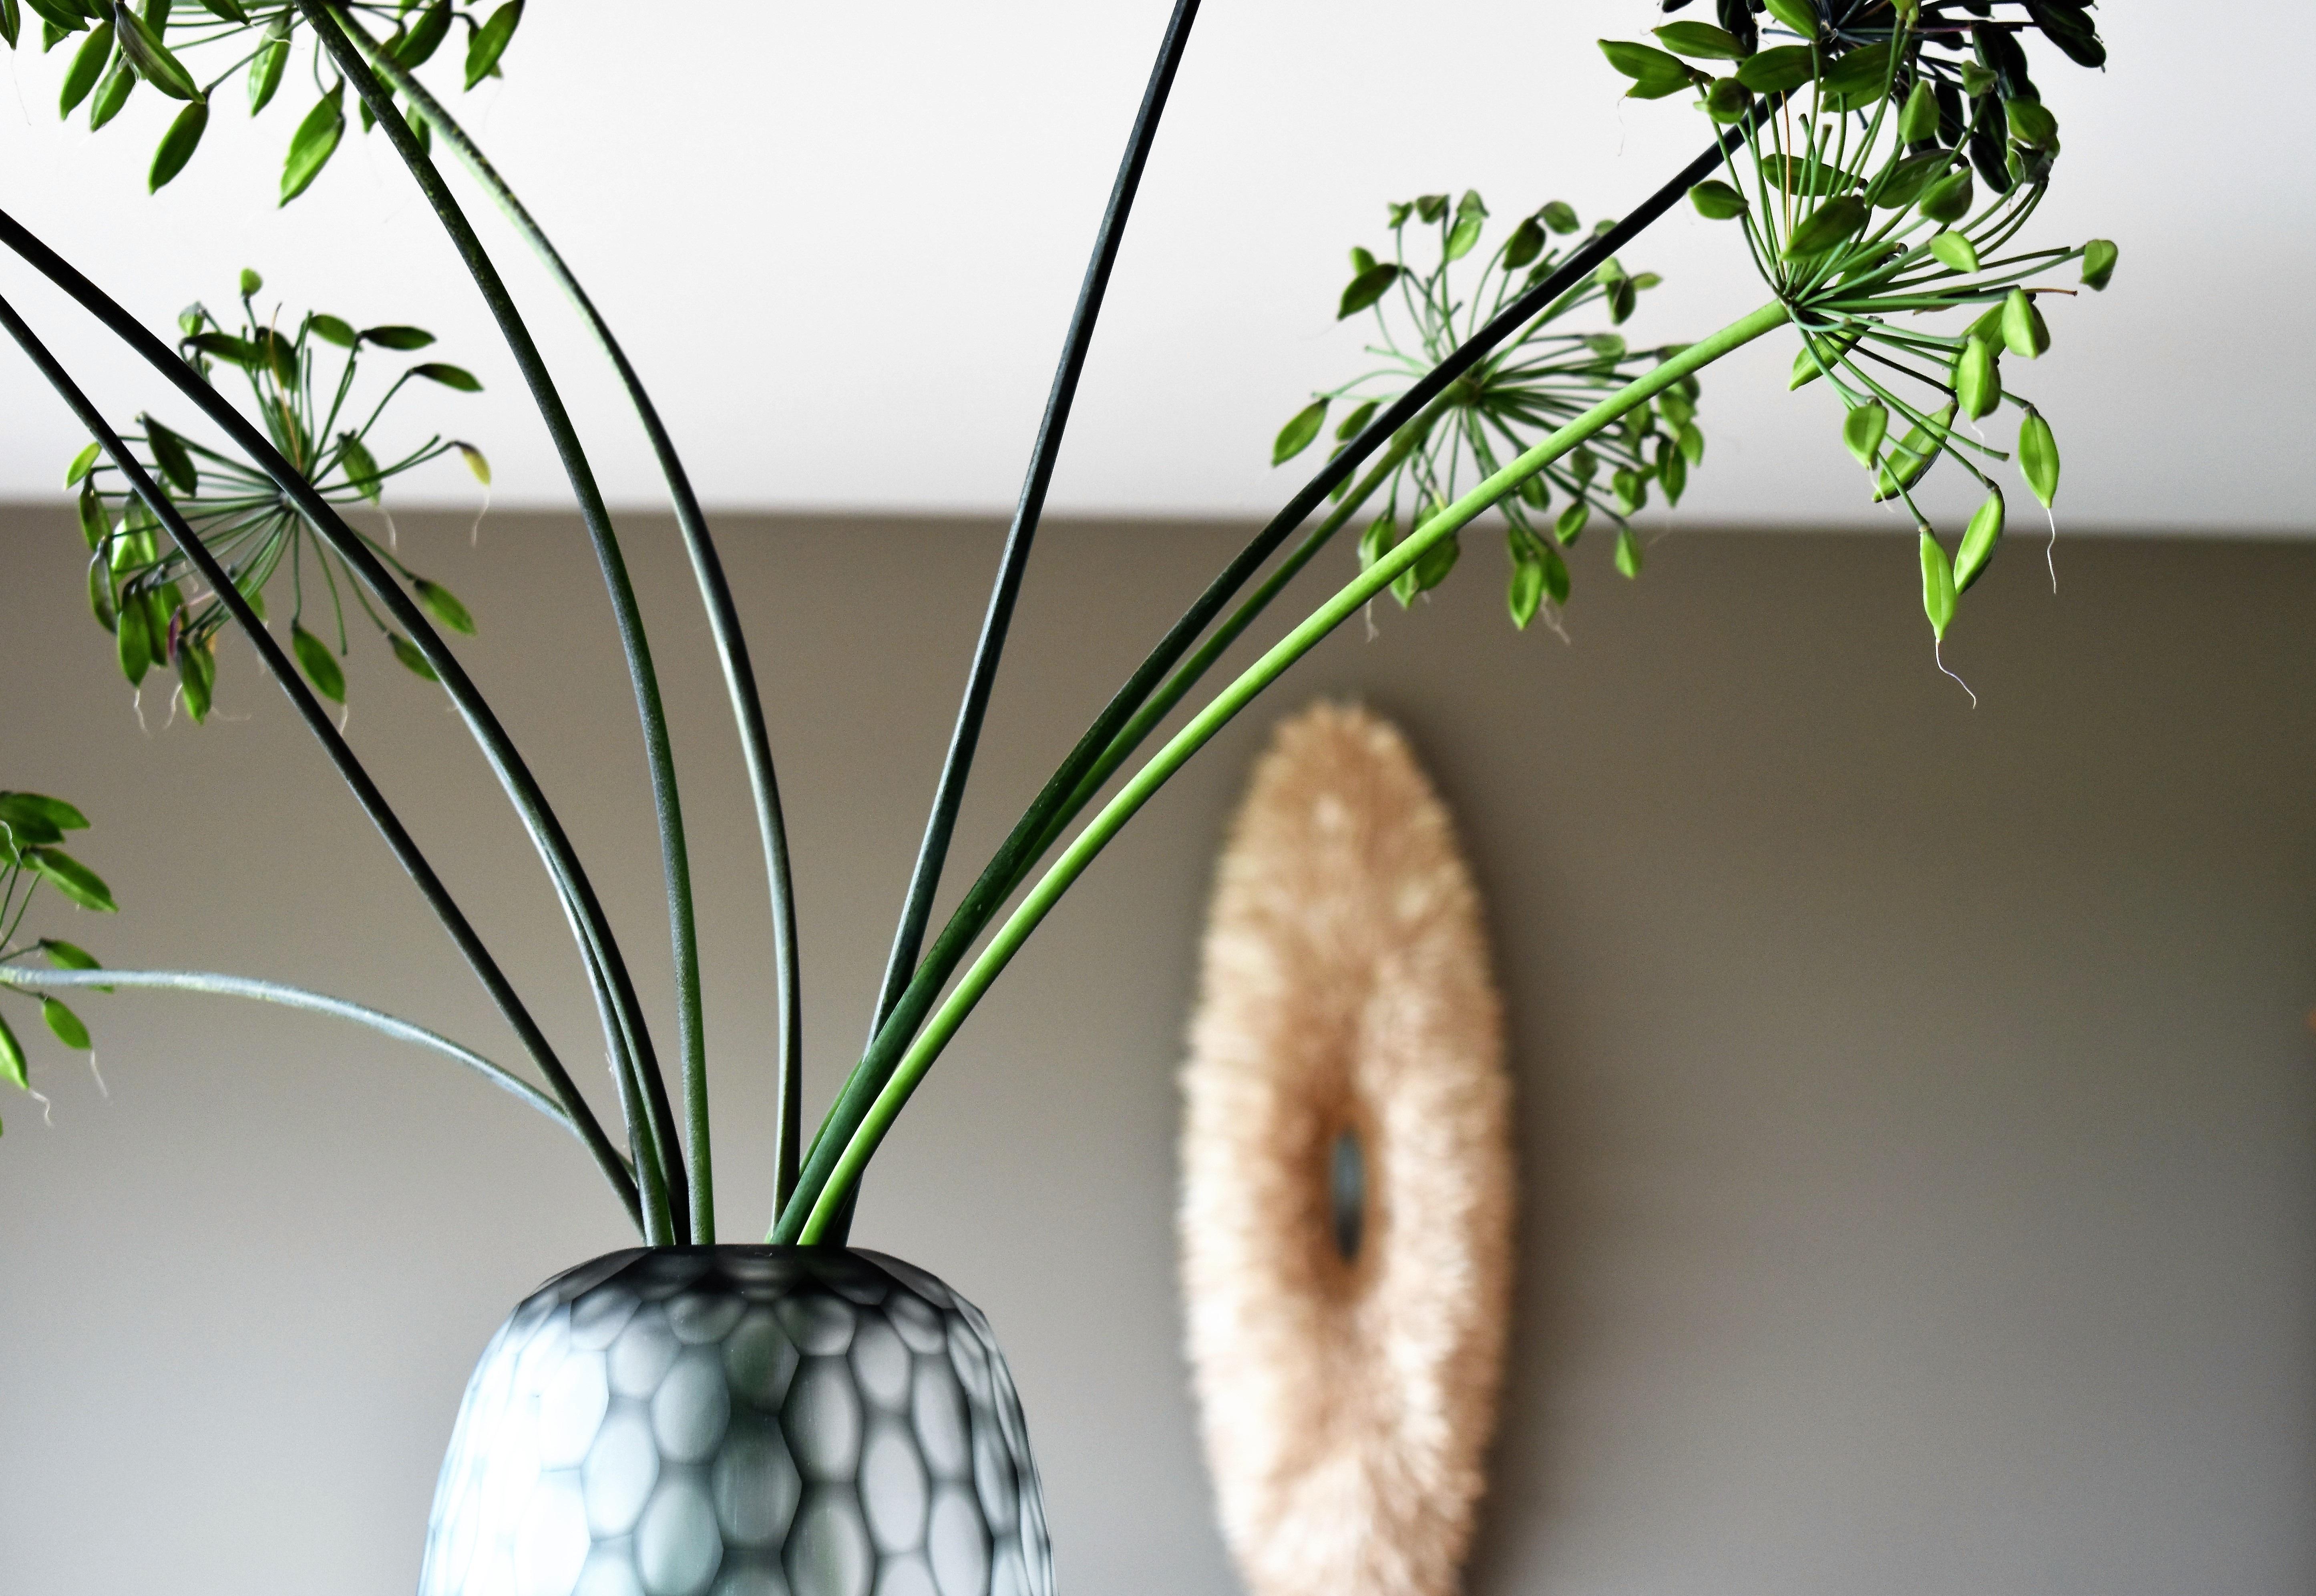 Lampada Fiore Tulipano : Immagini belle : ramo foglia fiore vaso verde produrre